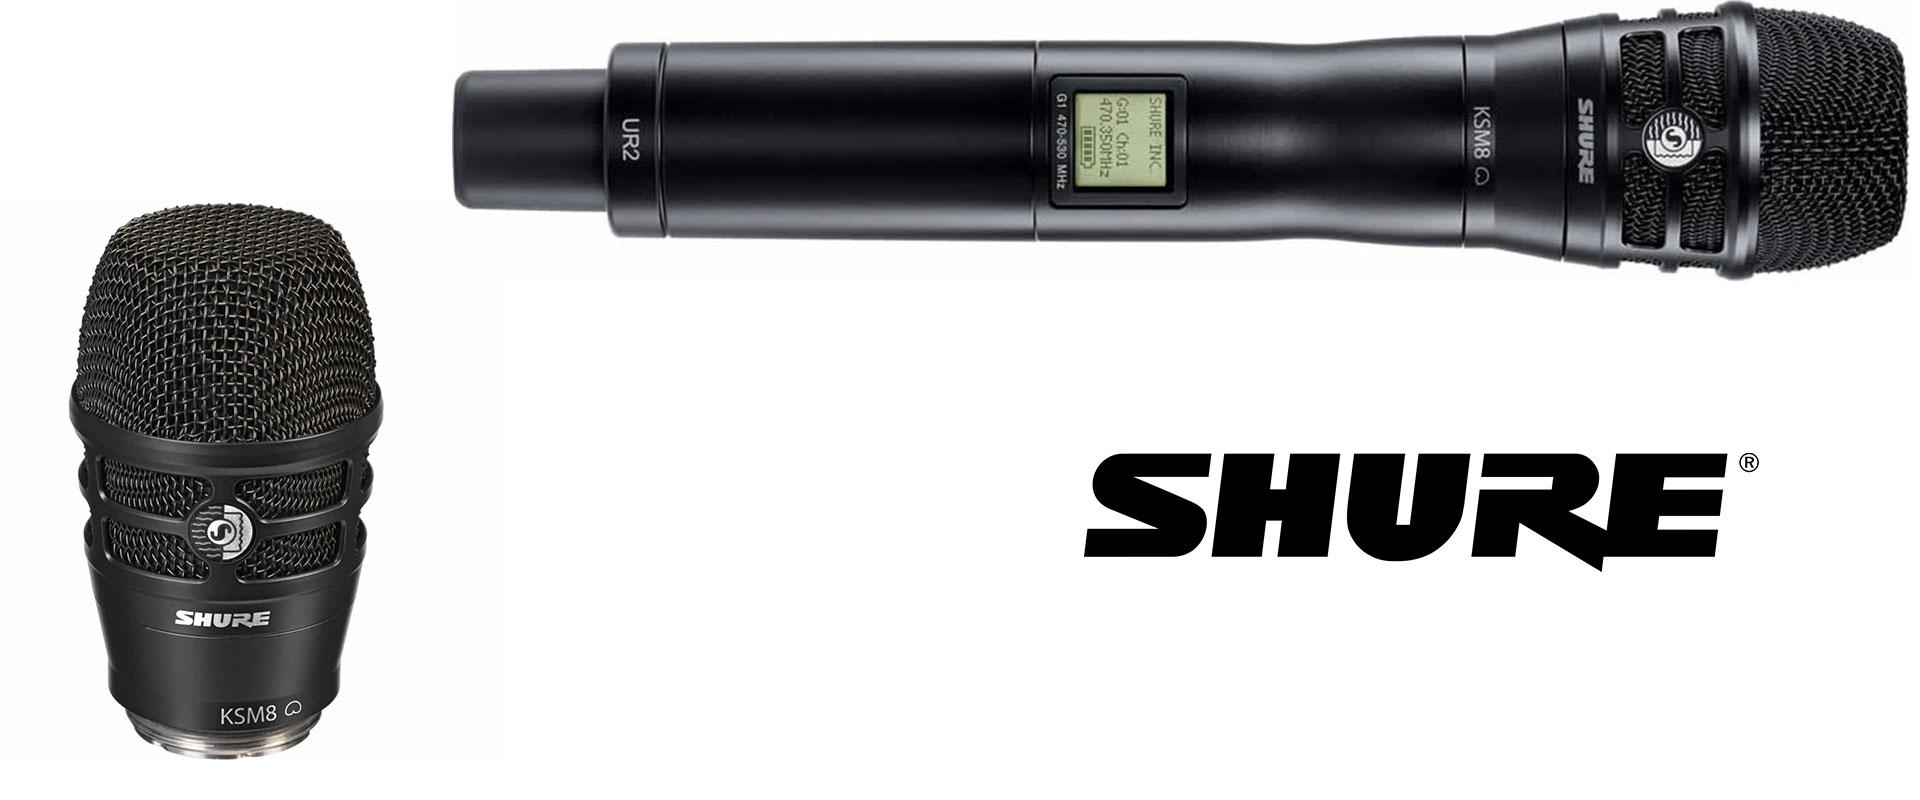 Visuel KSM8 de Shure pour micros HF main